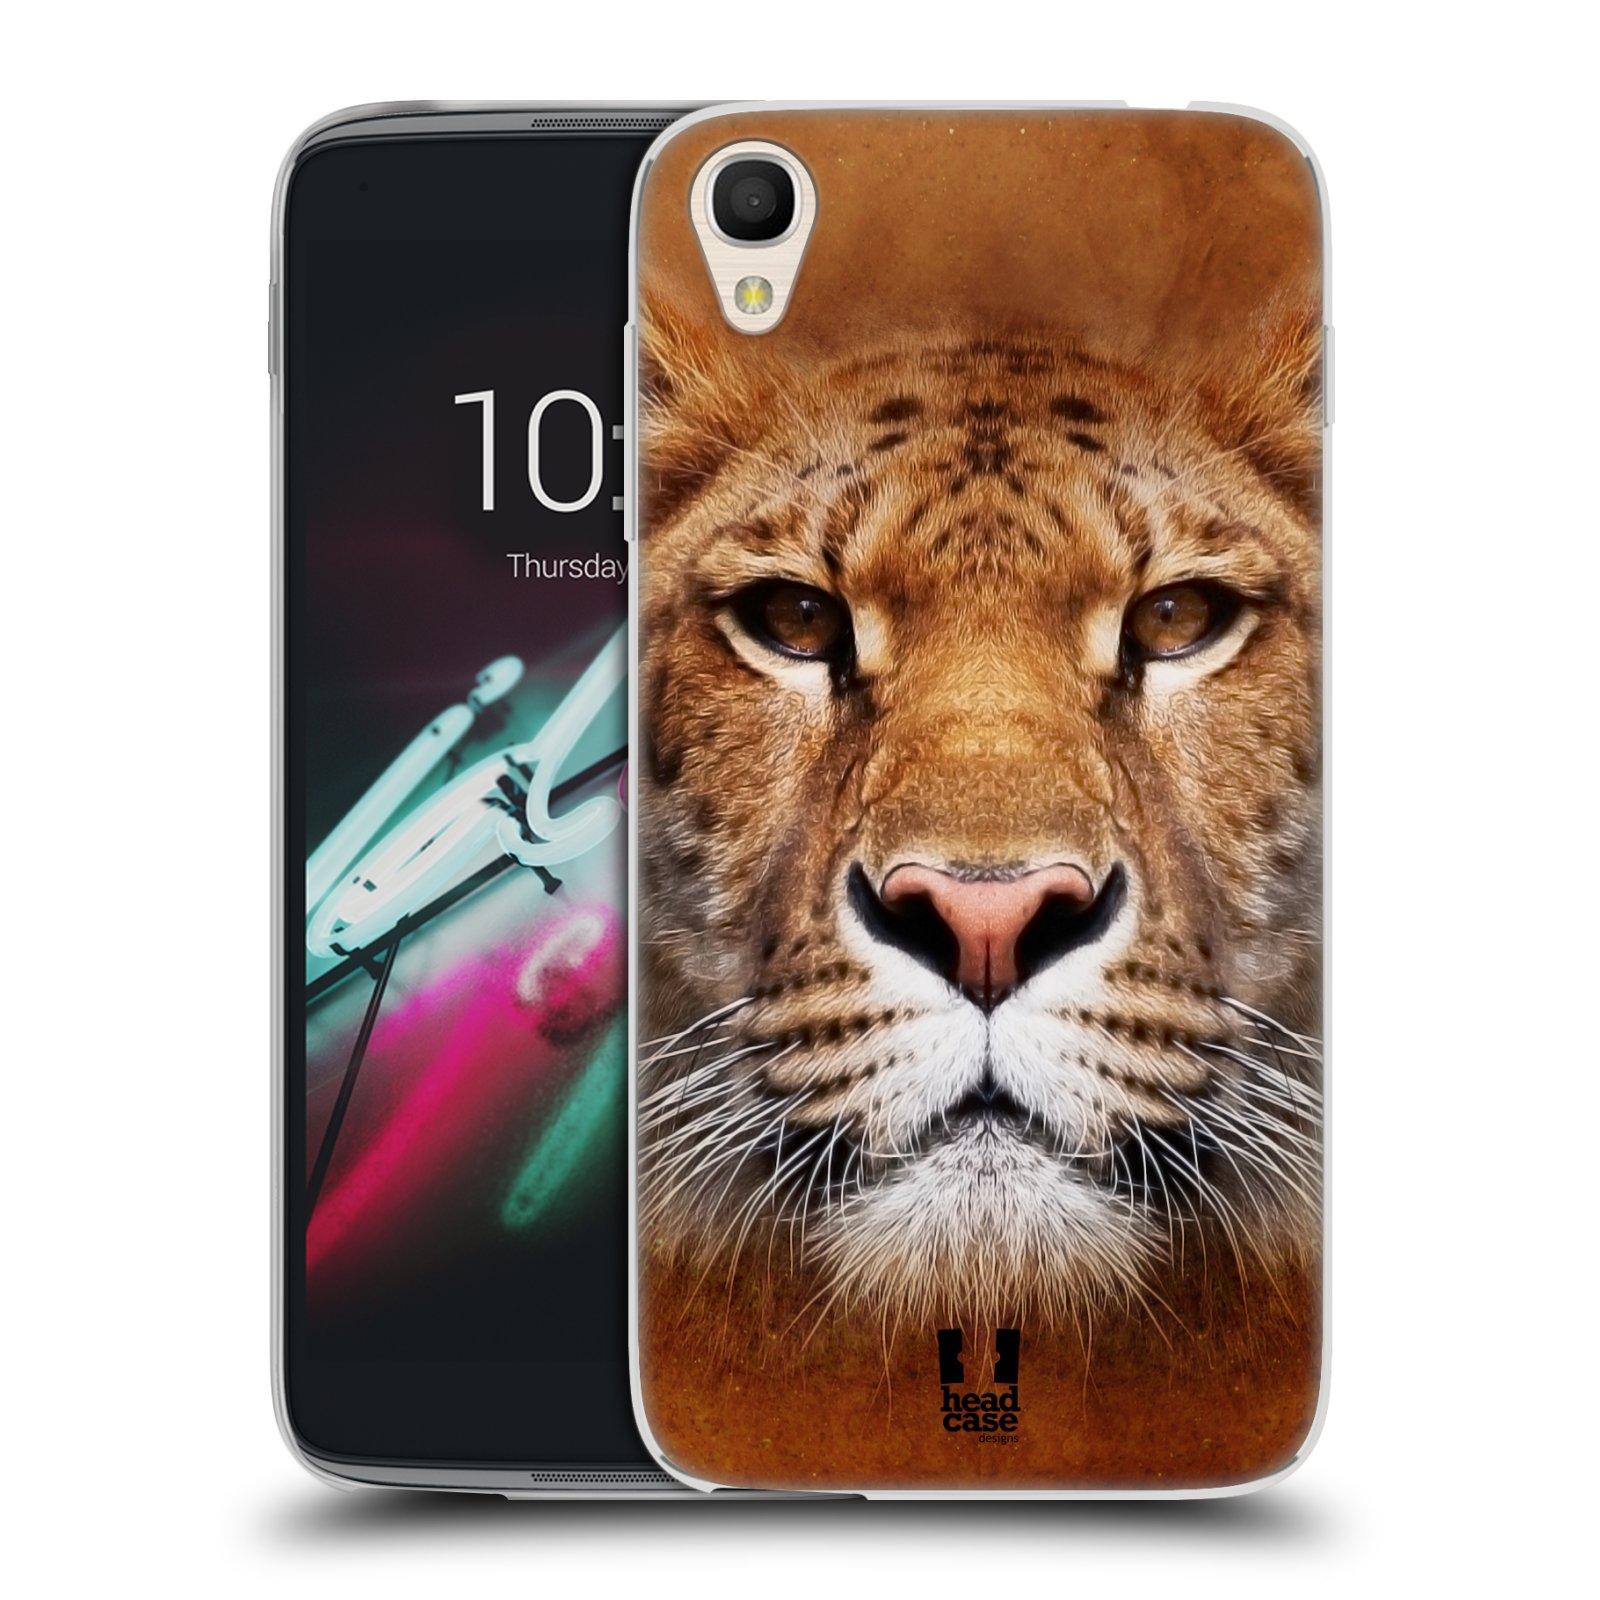 HEAD CASE silikonový obal na mobil Alcatel Idol 3 OT-6039Y (4.7) vzor Zvířecí tváře Sibiřský tygr